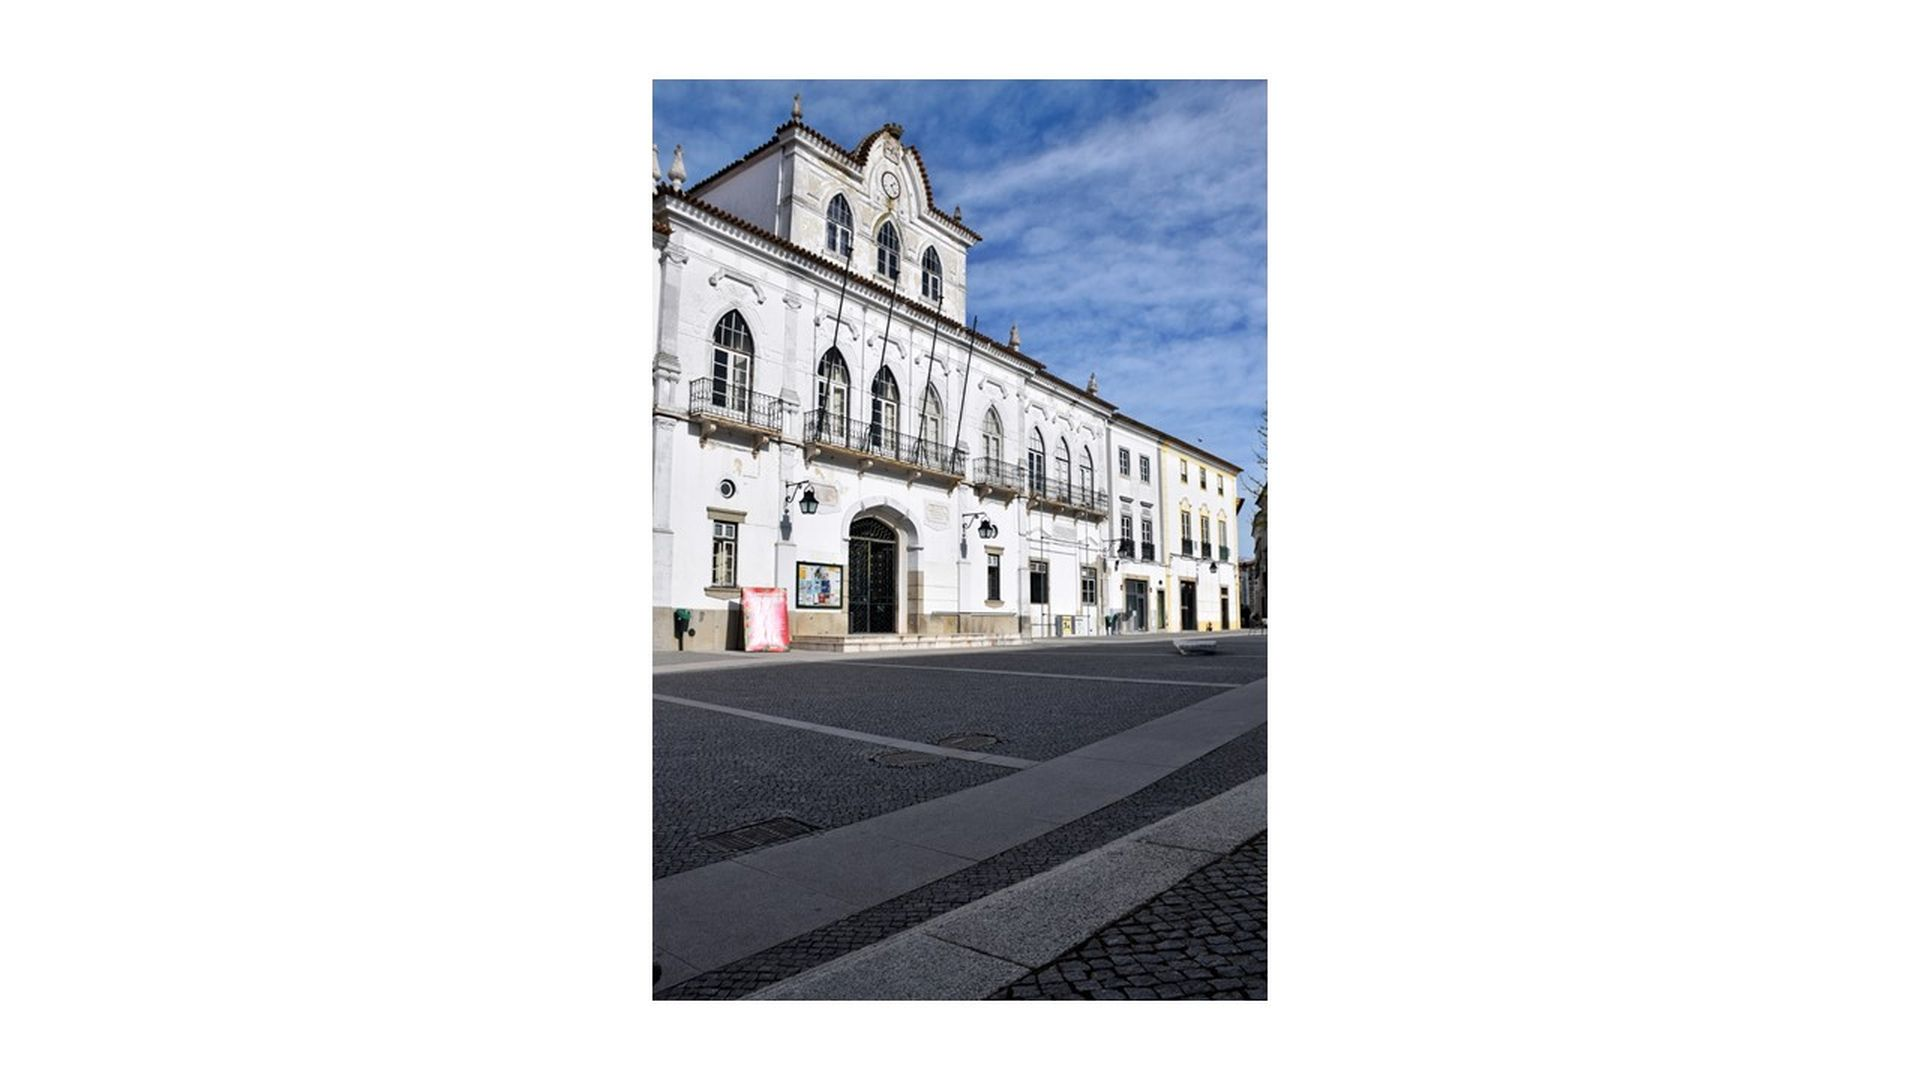 (Português) Em reunião pública de 7 de Abril de 2021, Câmara de Évora aprovou a não realização da Feira de S. João 2021, devido à pandemia